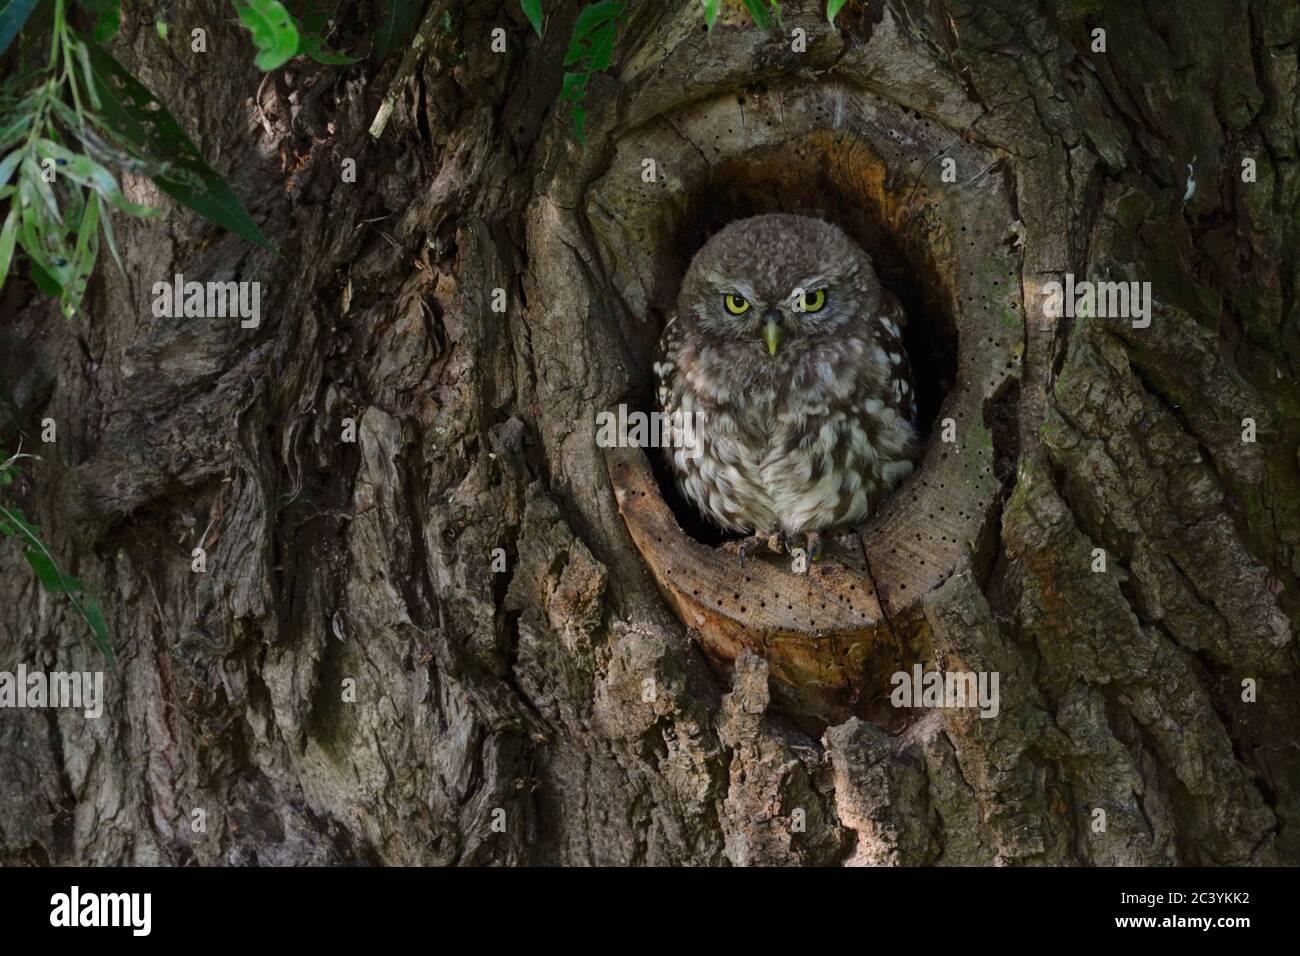 Kleine Eule / Minervas Eule ( Athene noctua ) thront, sitzt in einer natürlichen Baumhöhle, sieht ernst, Tierwelt, Europa. Stockfoto